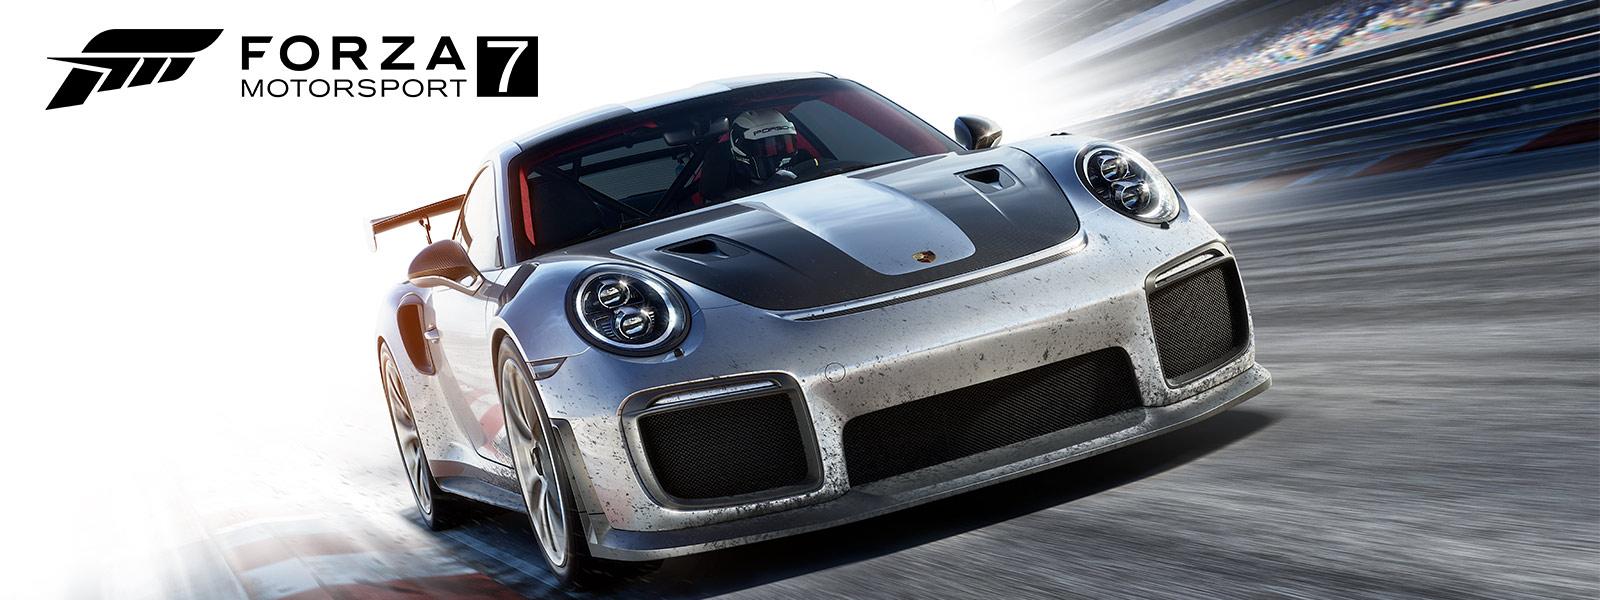 Obrazovka hry Forza Motorsport 7